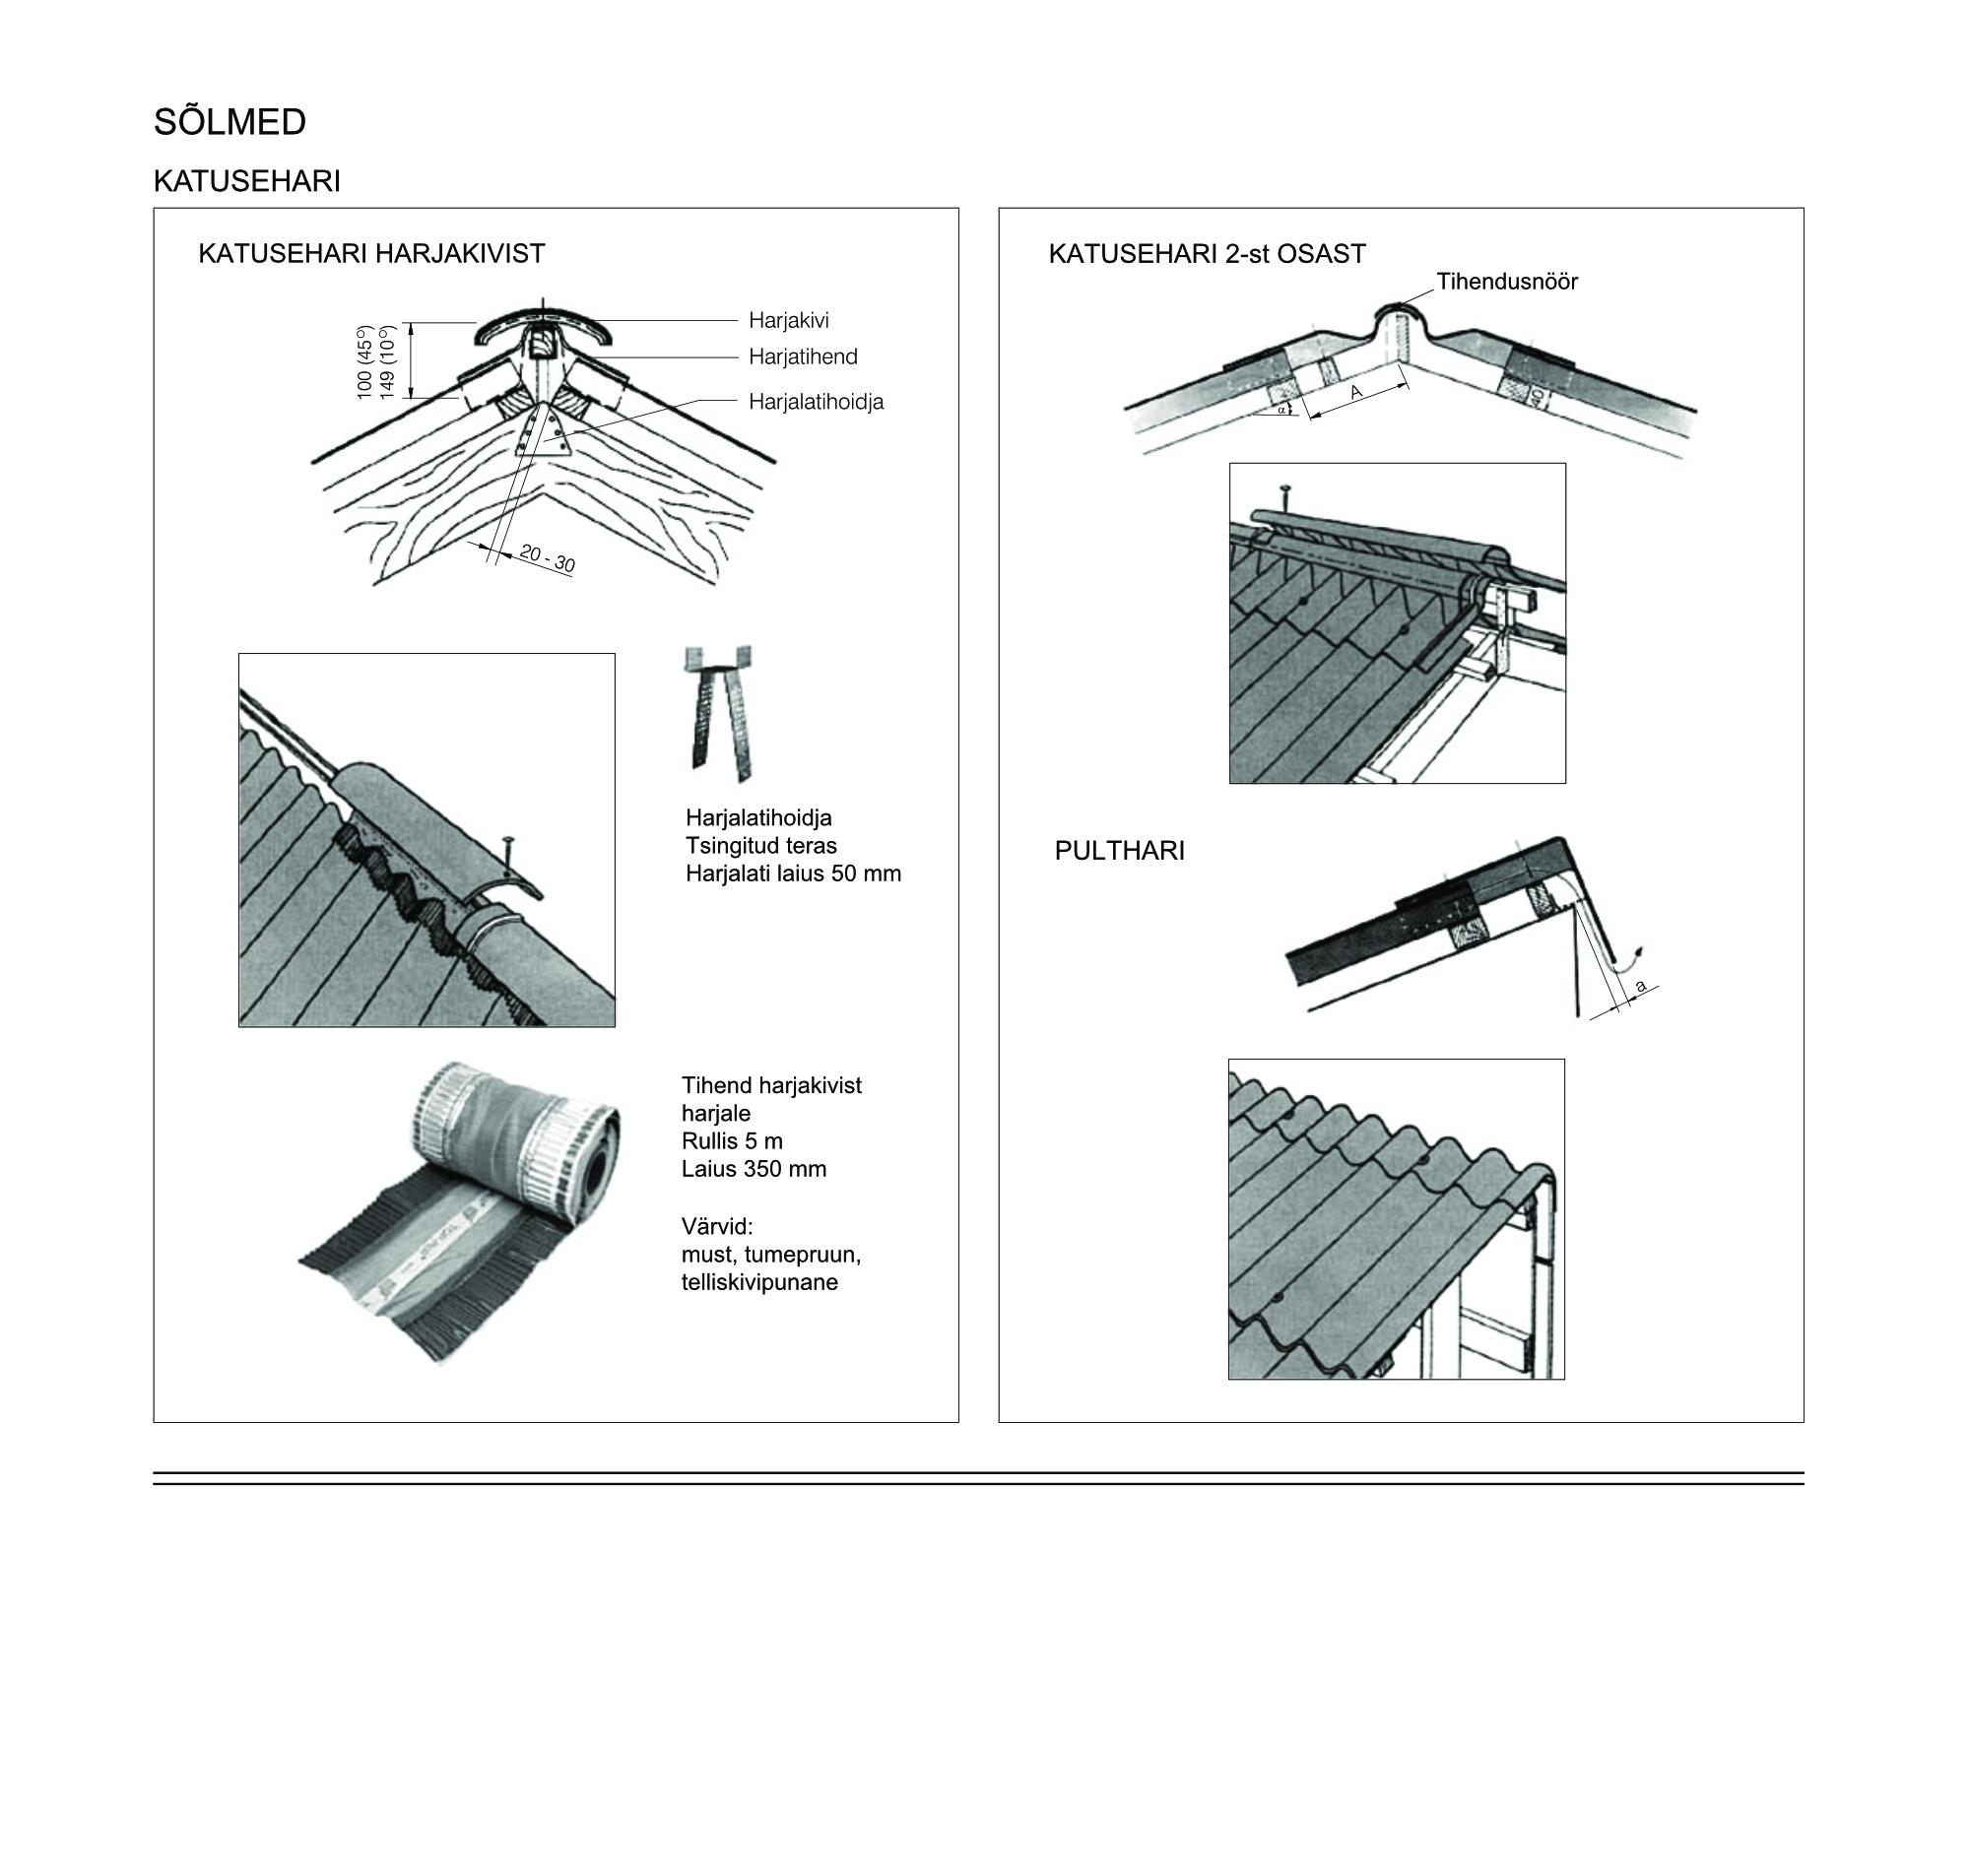 Eterniidi sõlmed - katusehari - eterniidi paigaldus - eterniitkatus